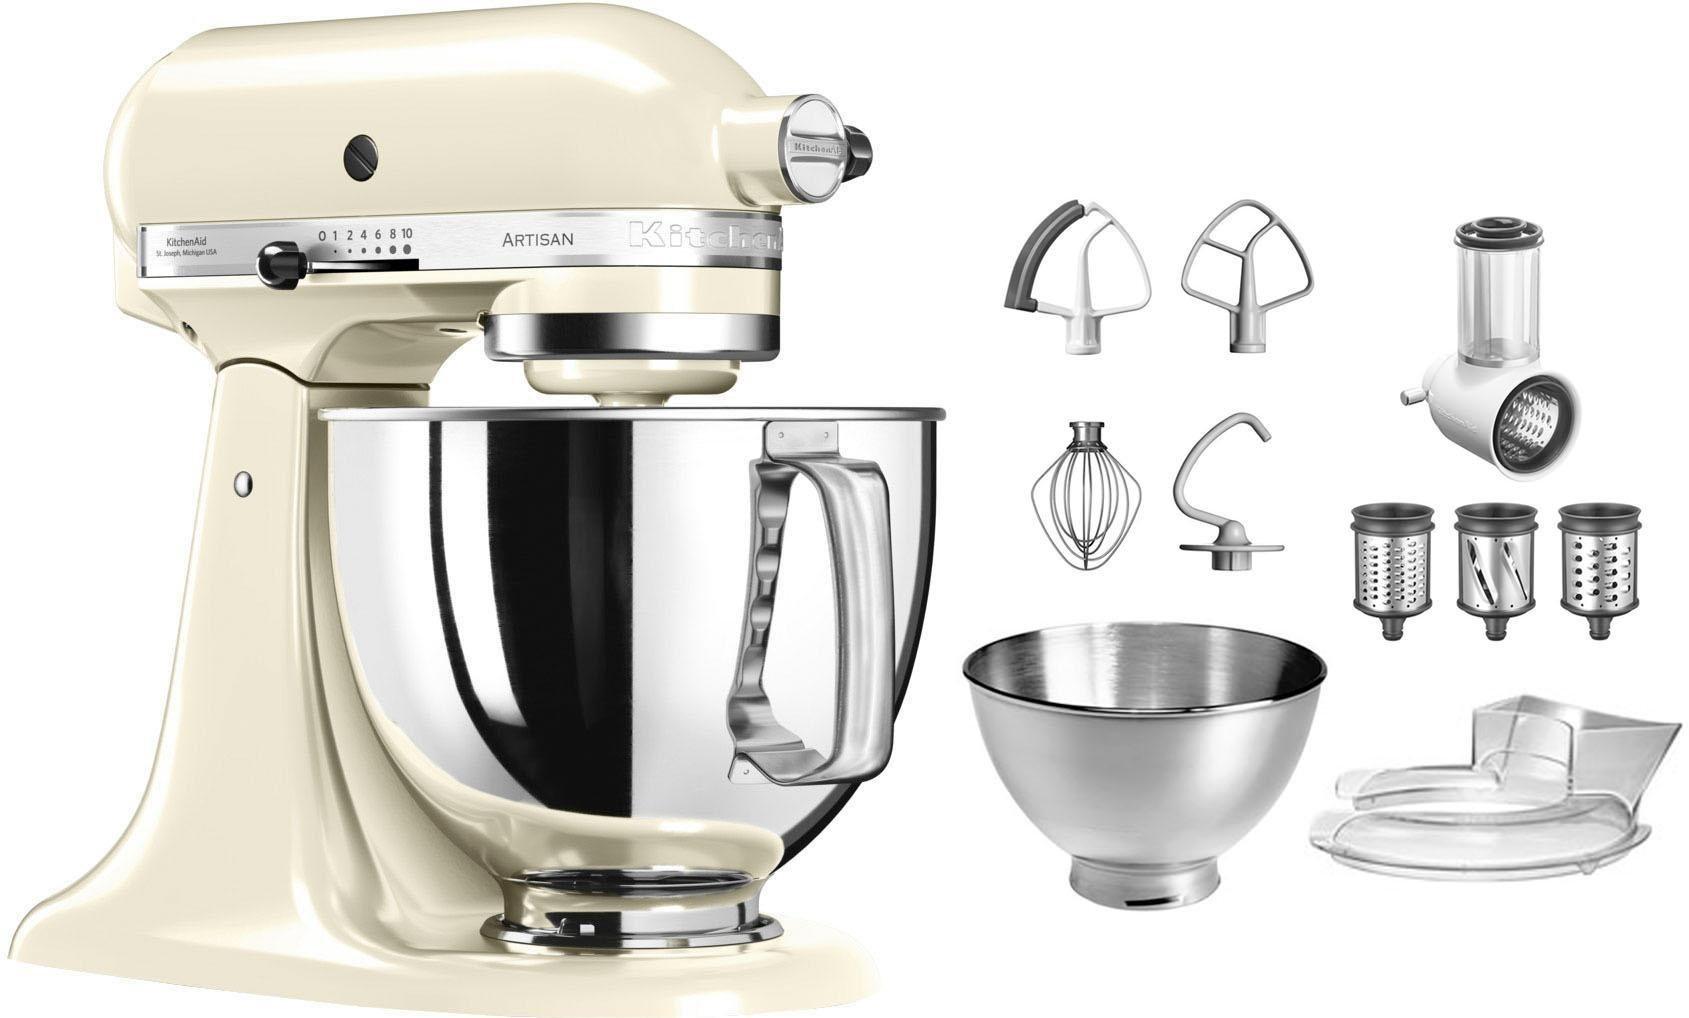 Kitchenaid Artisan Küchenmaschine Preisvergleich • Die besten ...